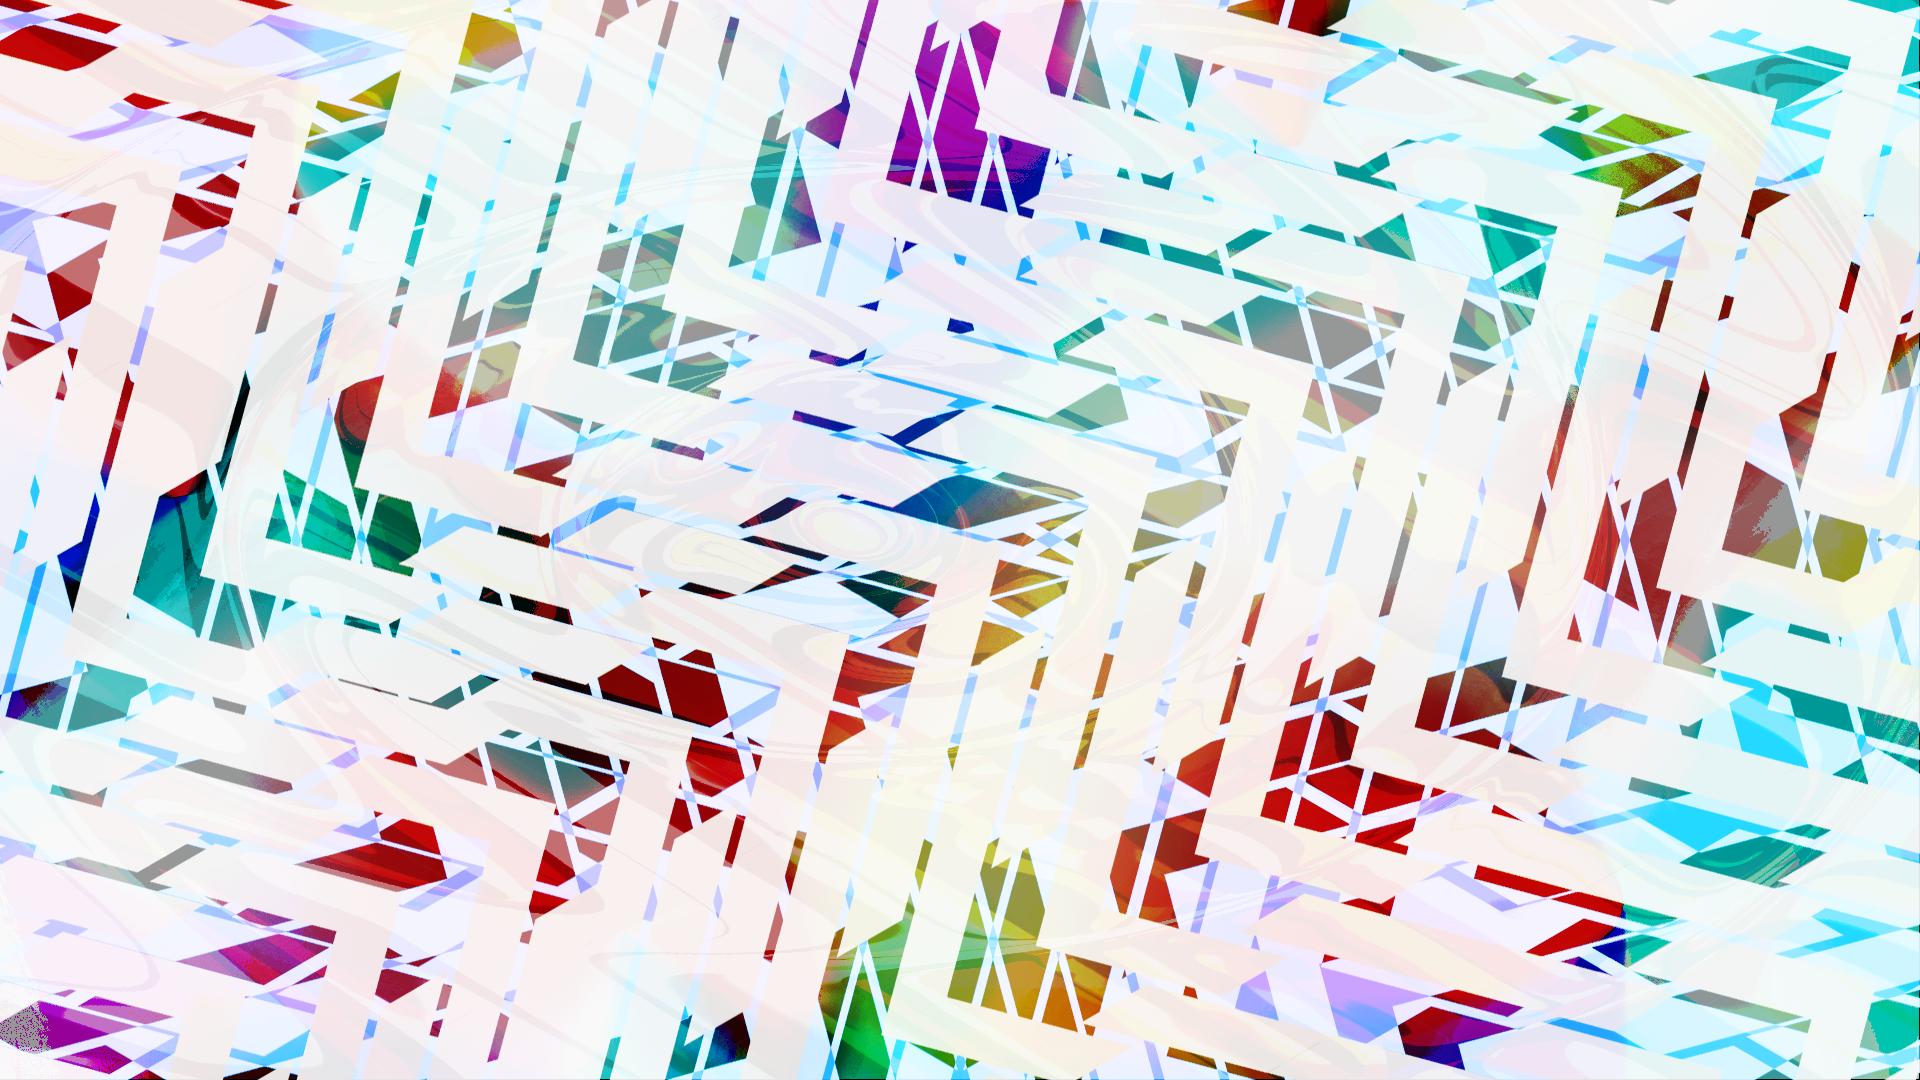 Drawing Lines Shapes Or Text On Bitmaps : วอลเปเปอร์ ภาพวาด ภาพประกอบ ข้อความ การออกแบบกราฟิก